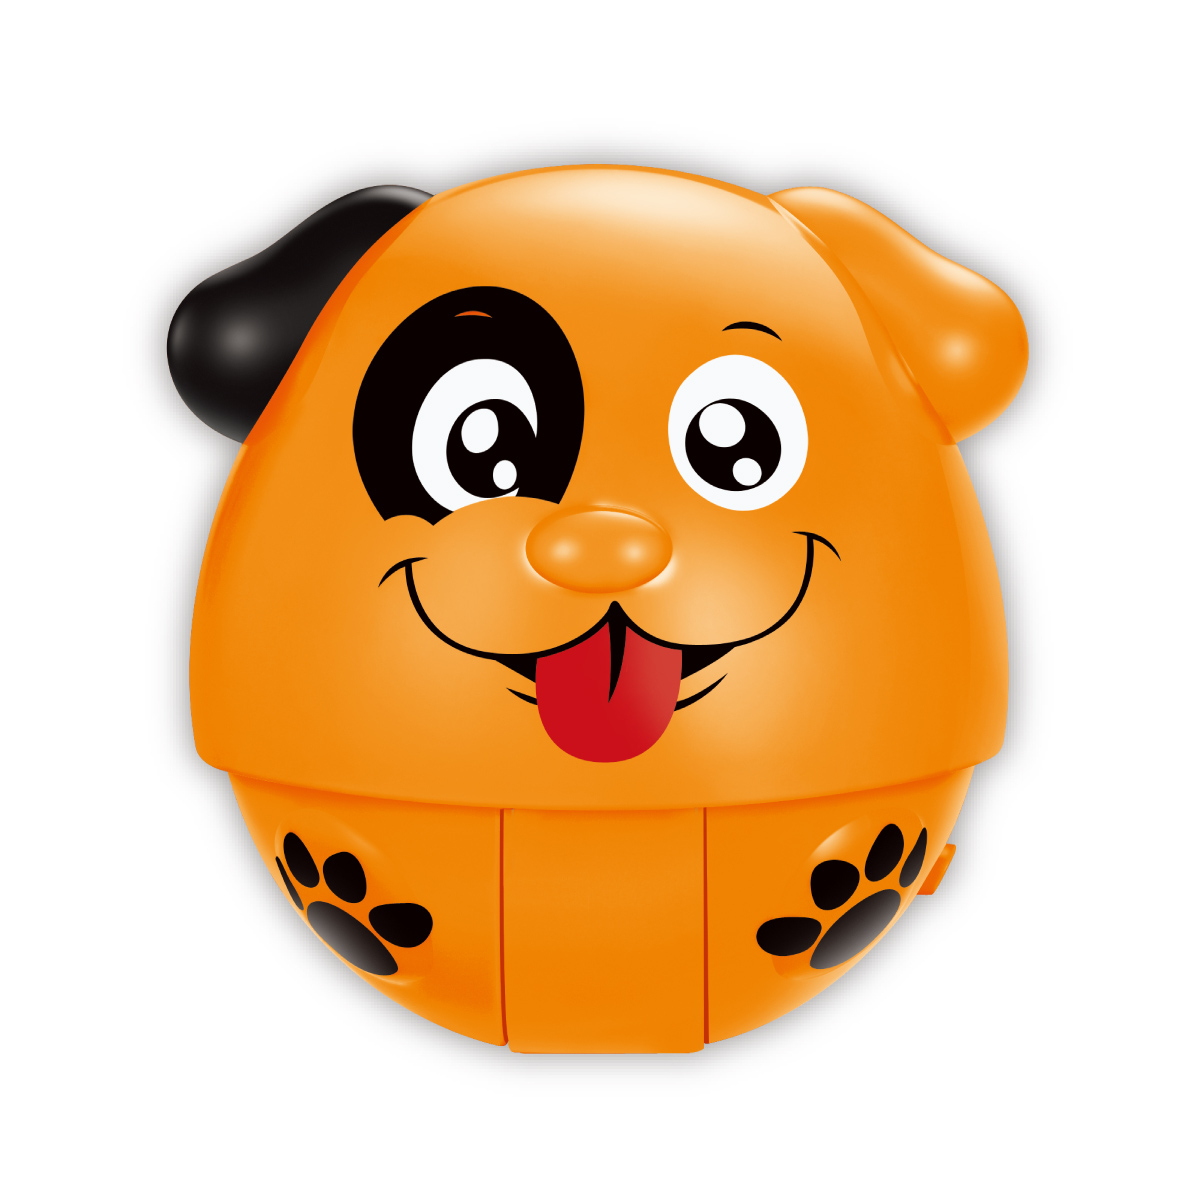 Развивающая игрушка Ути Пути Собачка Хохотушка покатушка цена и фото